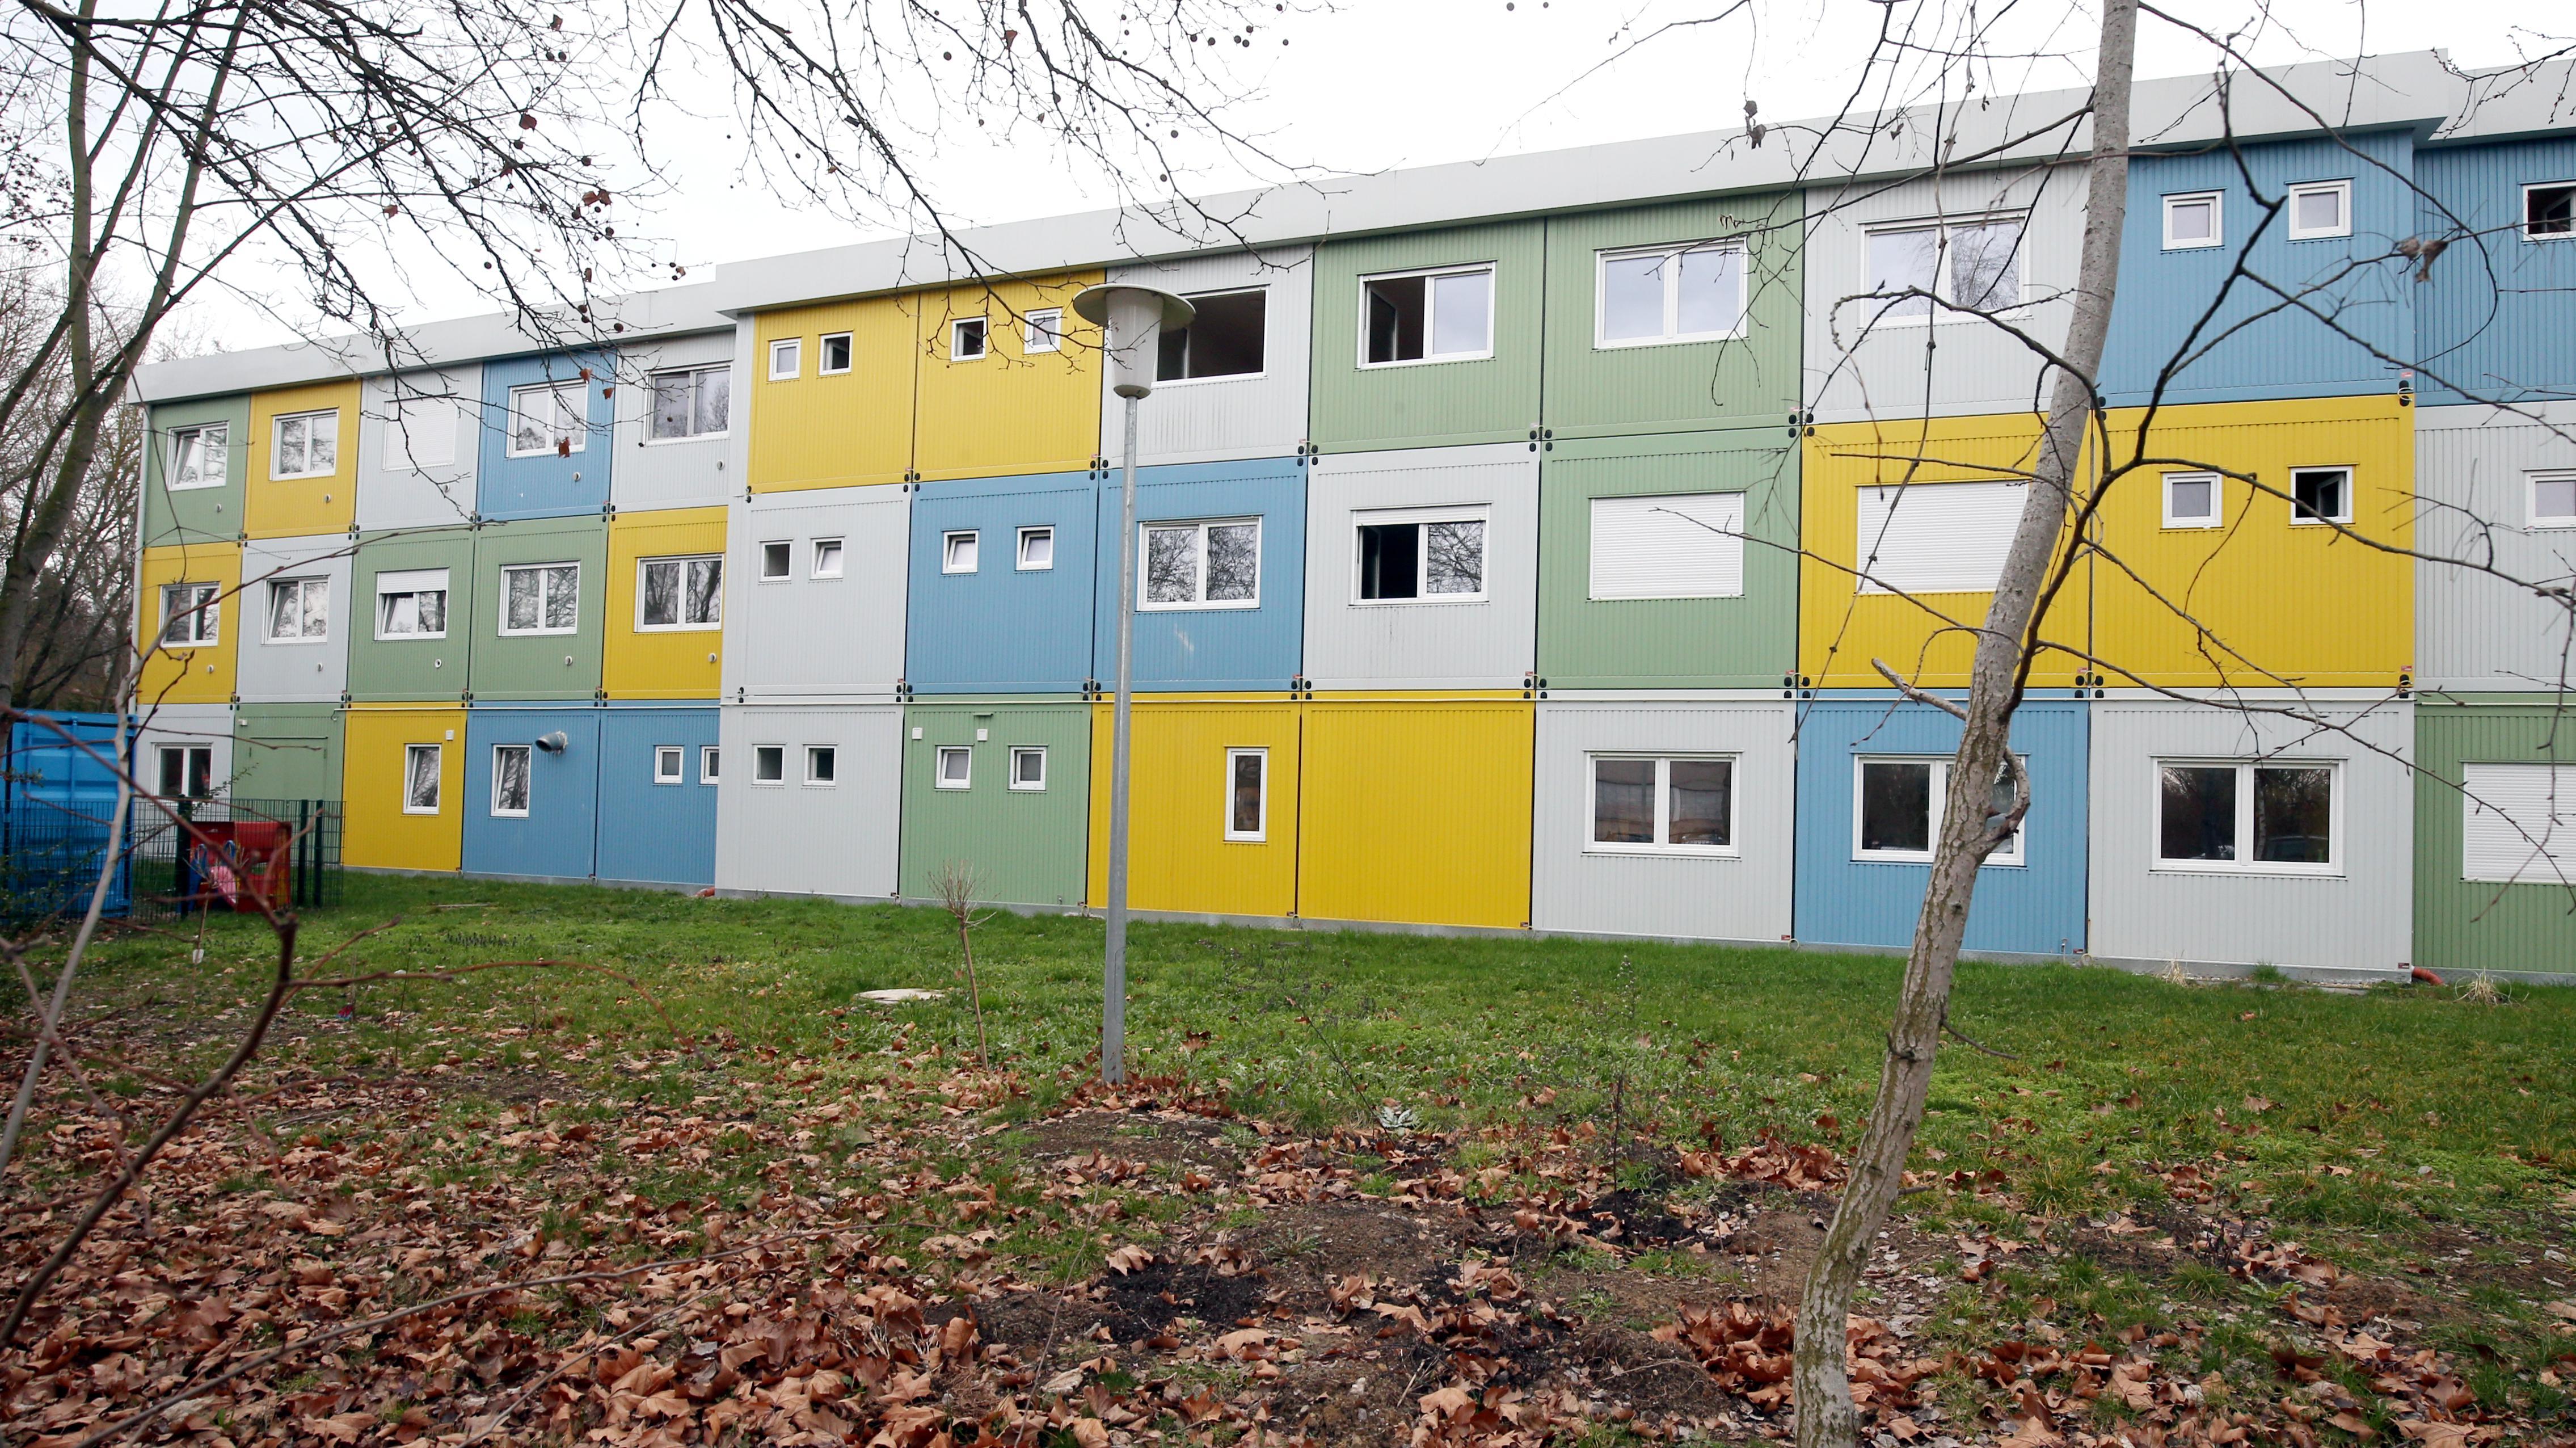 Eine aus Containern zusammengestellte Flüchtlingsunterkunft in Berlin.